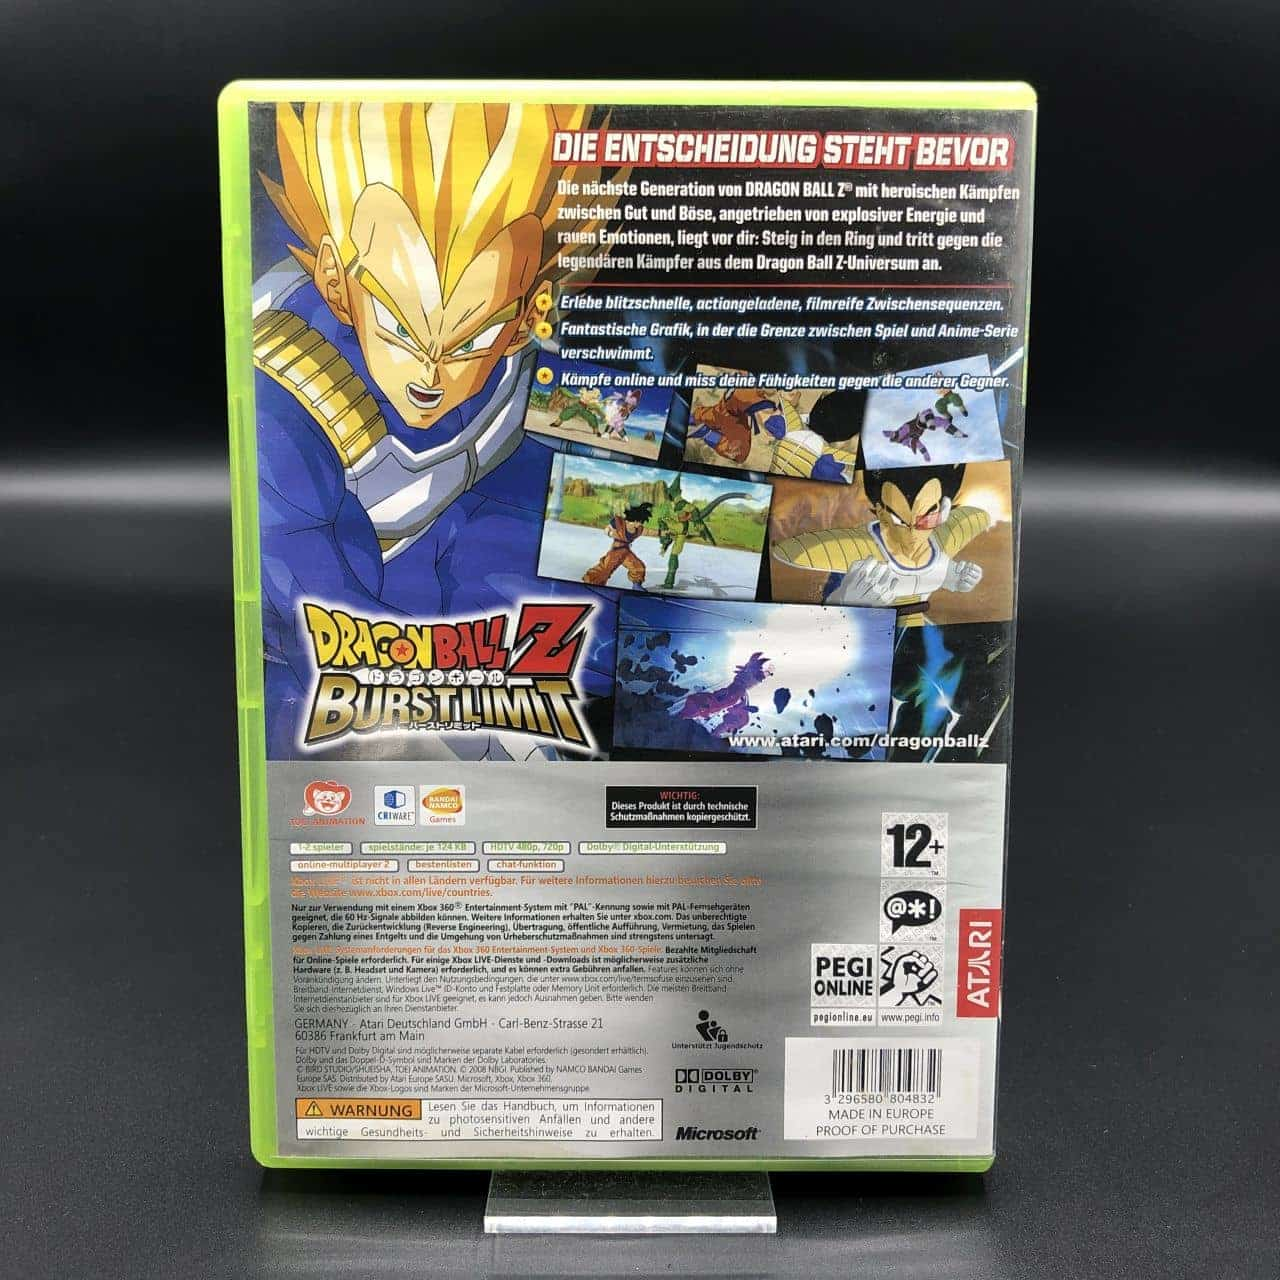 Dragon Ball Z: Burst Limit (ohne Anleitung) (Gebrauchsspuren) Xbox 360